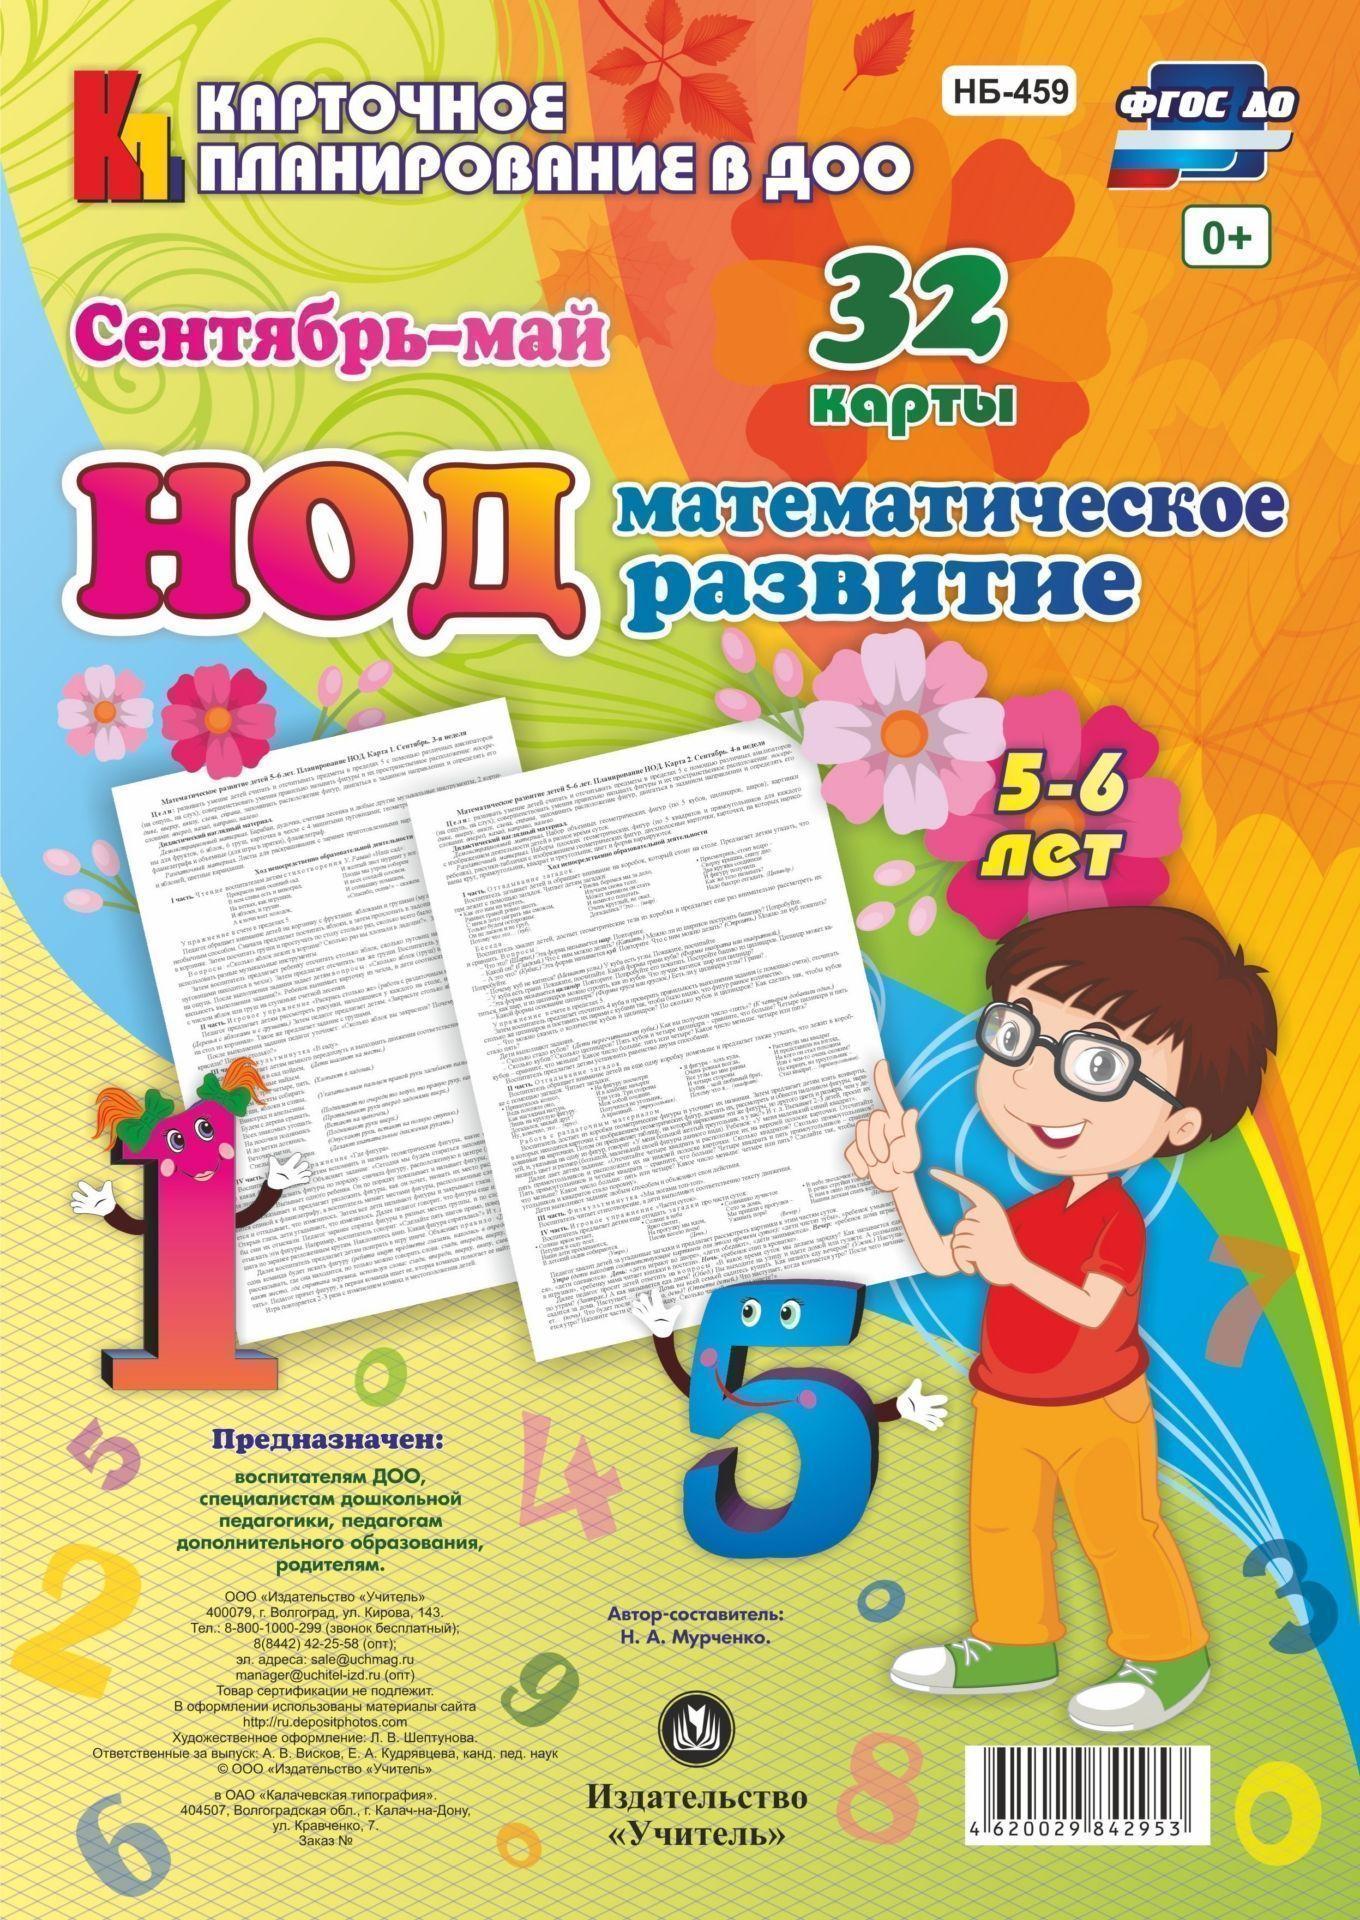 Купить со скидкой НОД. Математическое развитие детей 5-6 лет. Сентябрь-май: 32 карты с методическим сопровождением